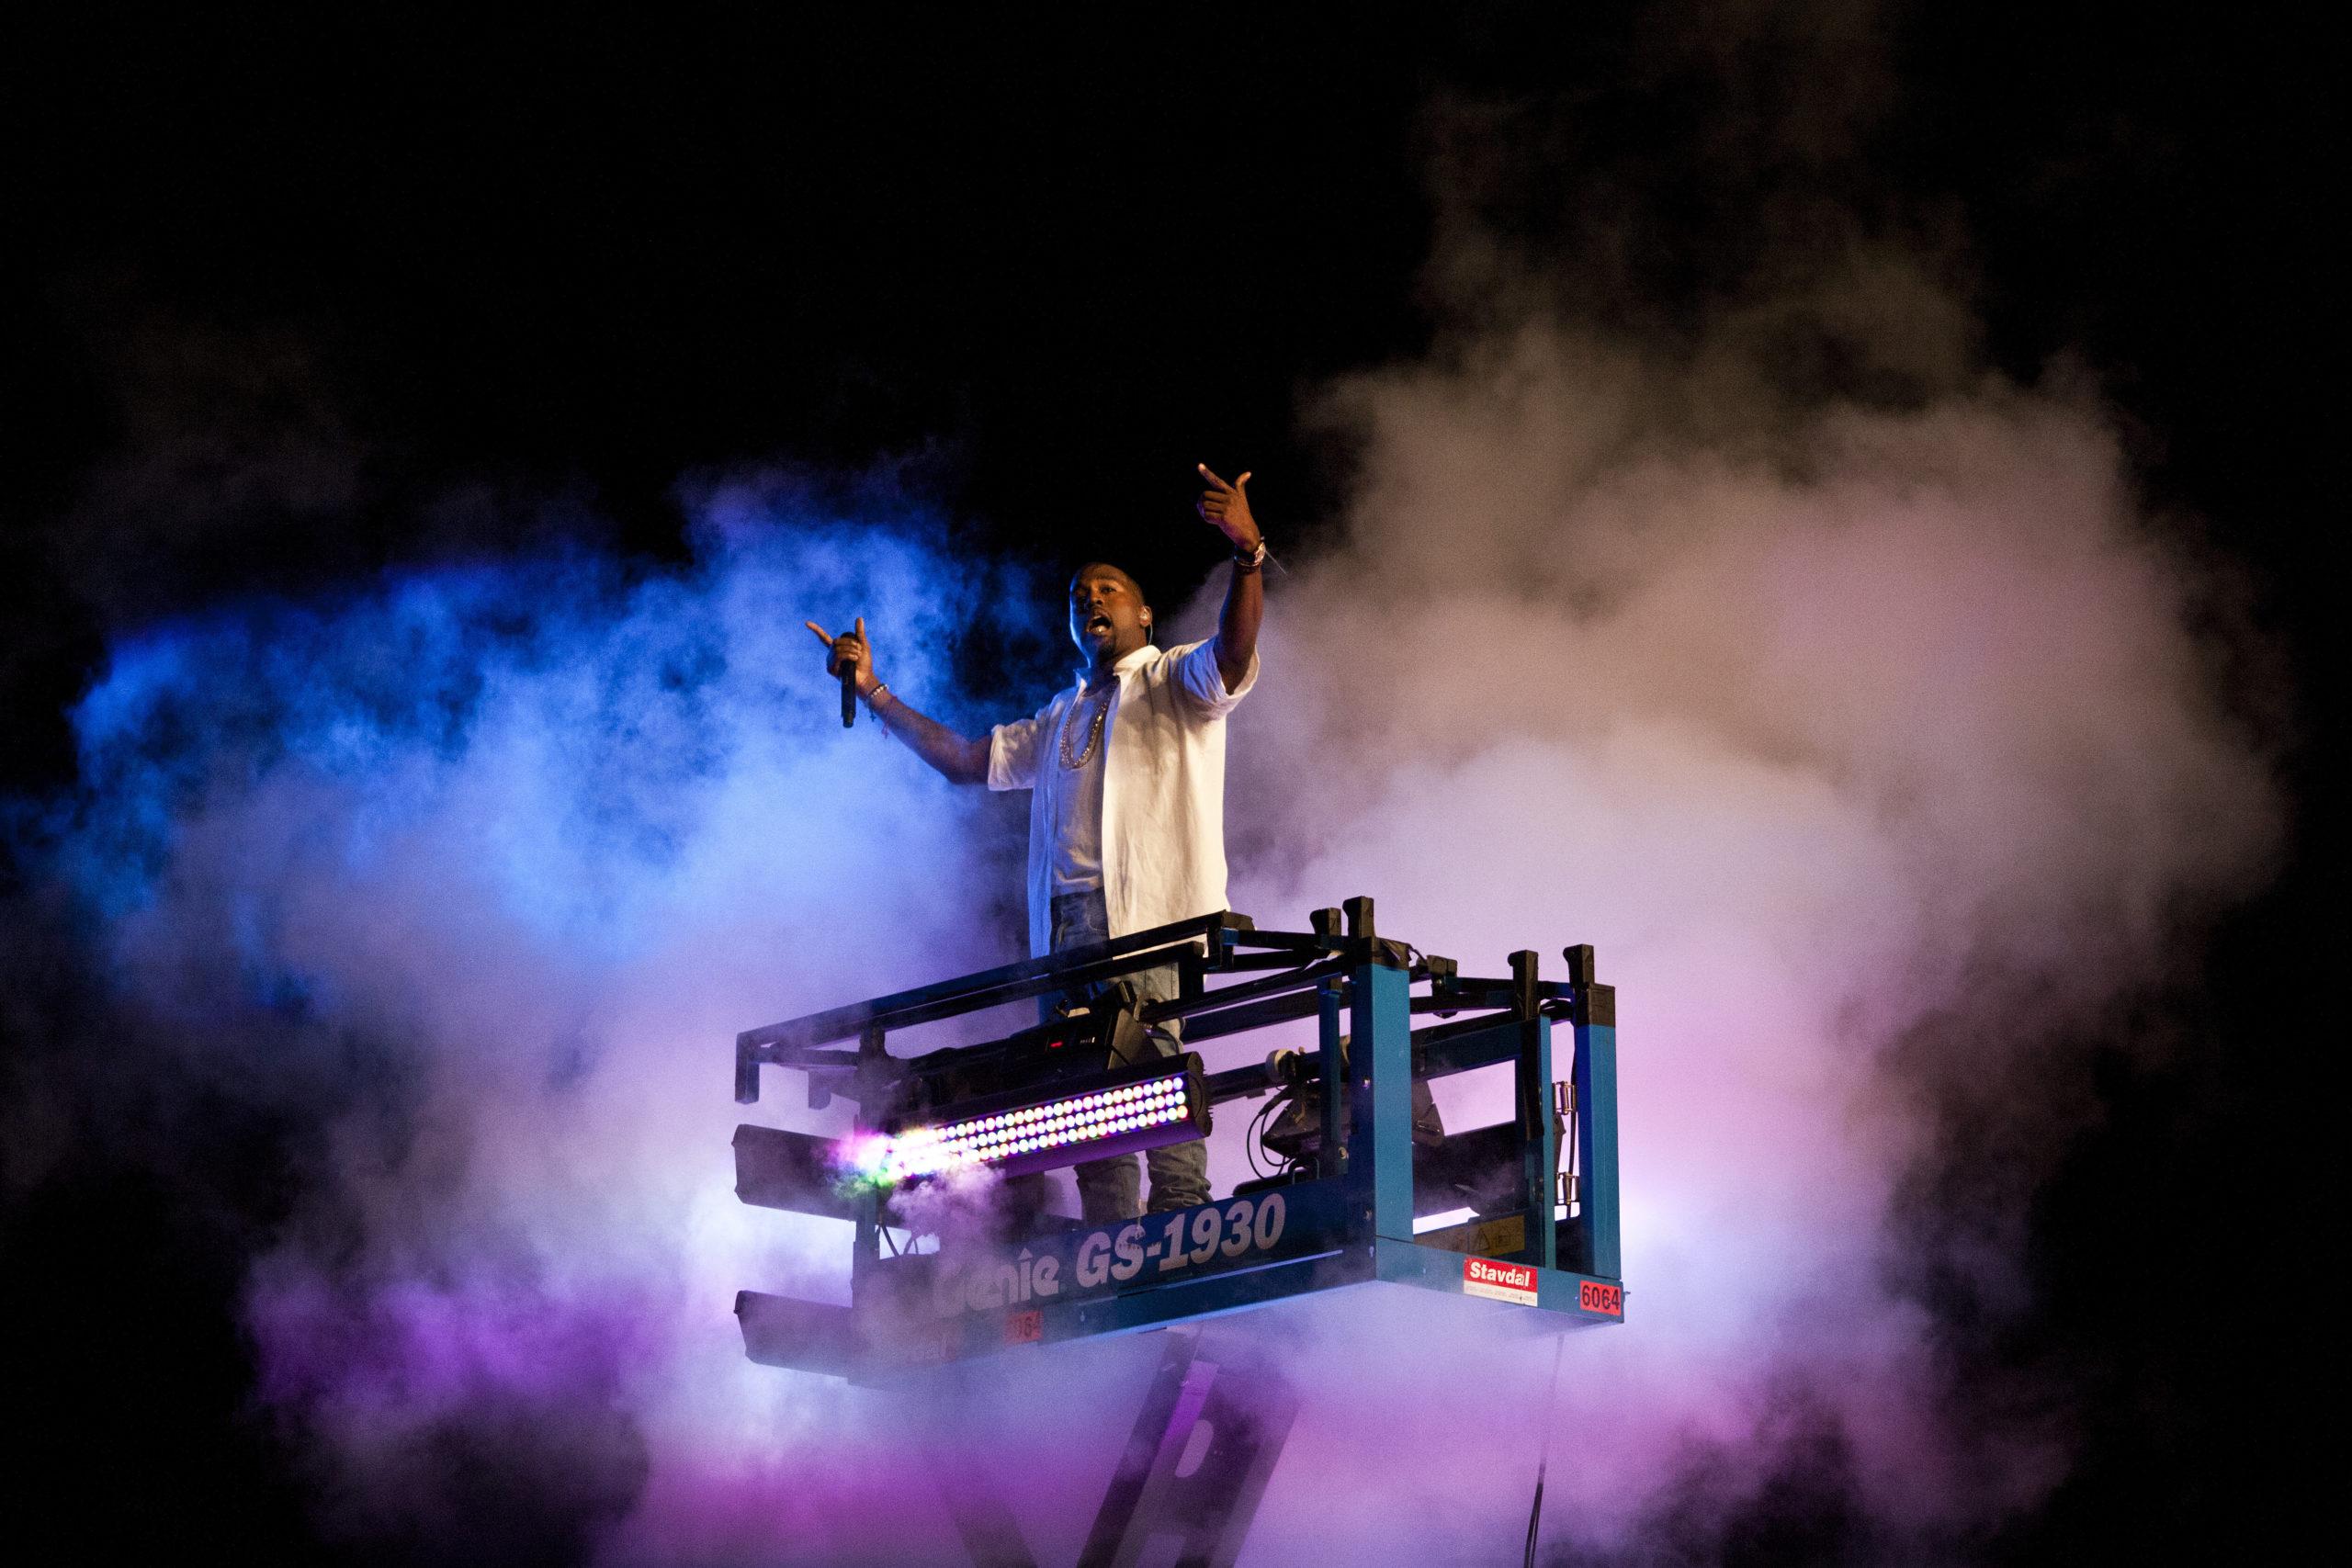 LISTEN: Kanye West 'Donda' Stream & Download: New Album